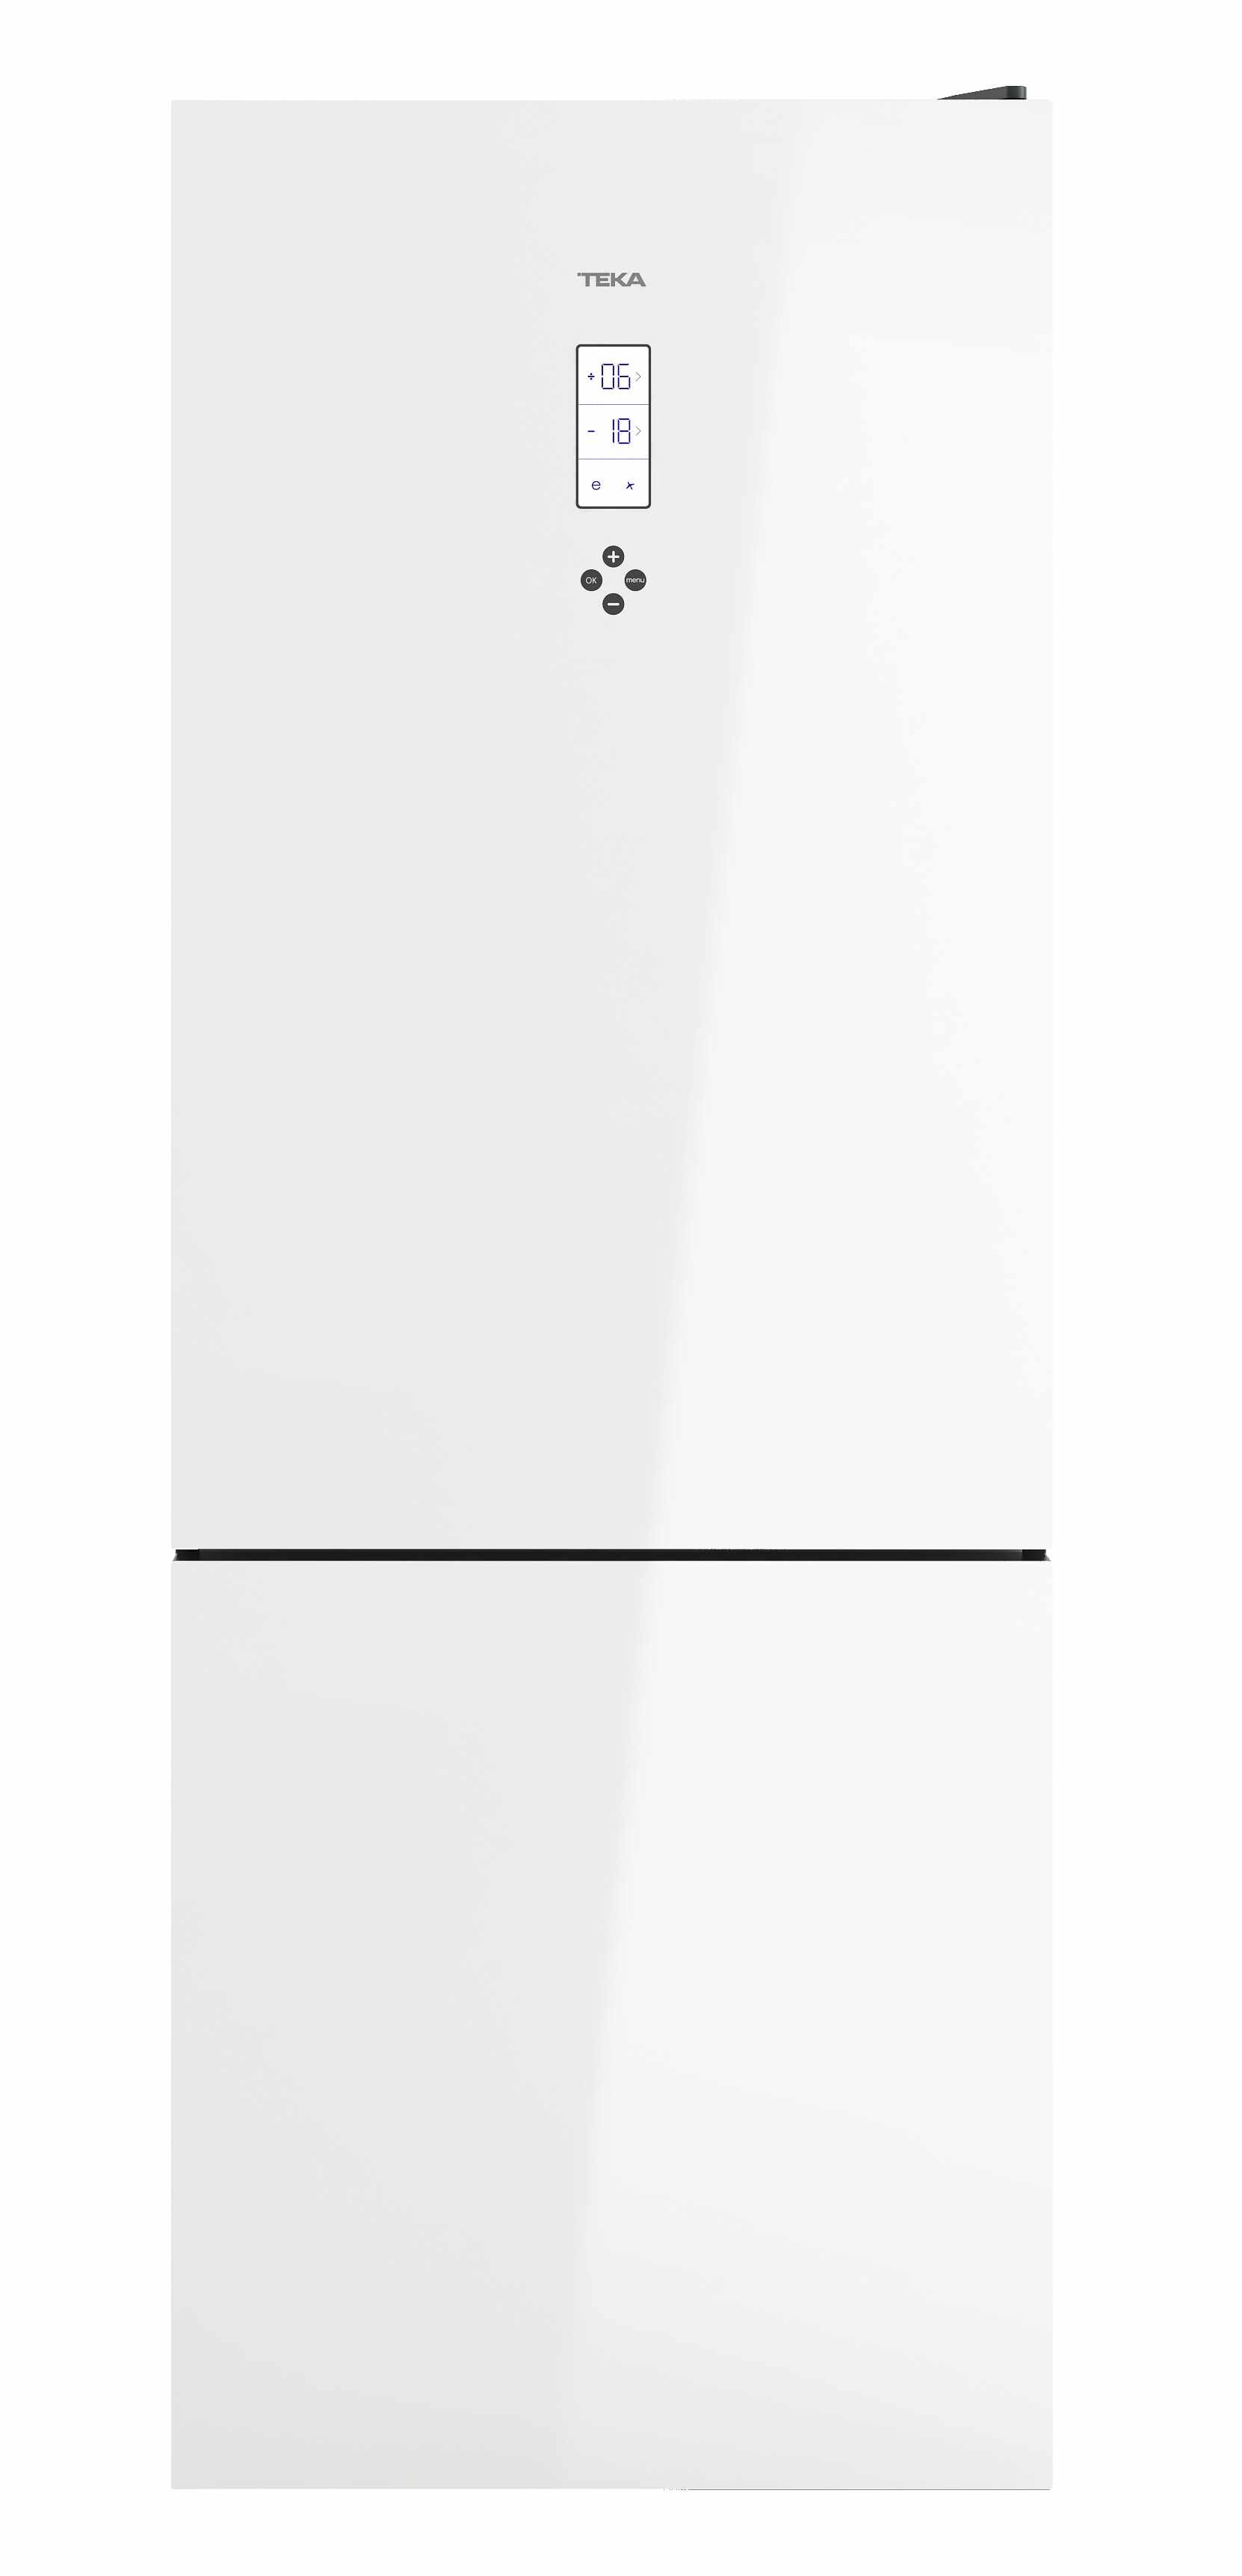 Combina frigorifica Teka Maestro RBF 78720 GWH LongLife No Frost IonClean 461 litri net clasa A++ Cristal White la pret 4965.16 lei